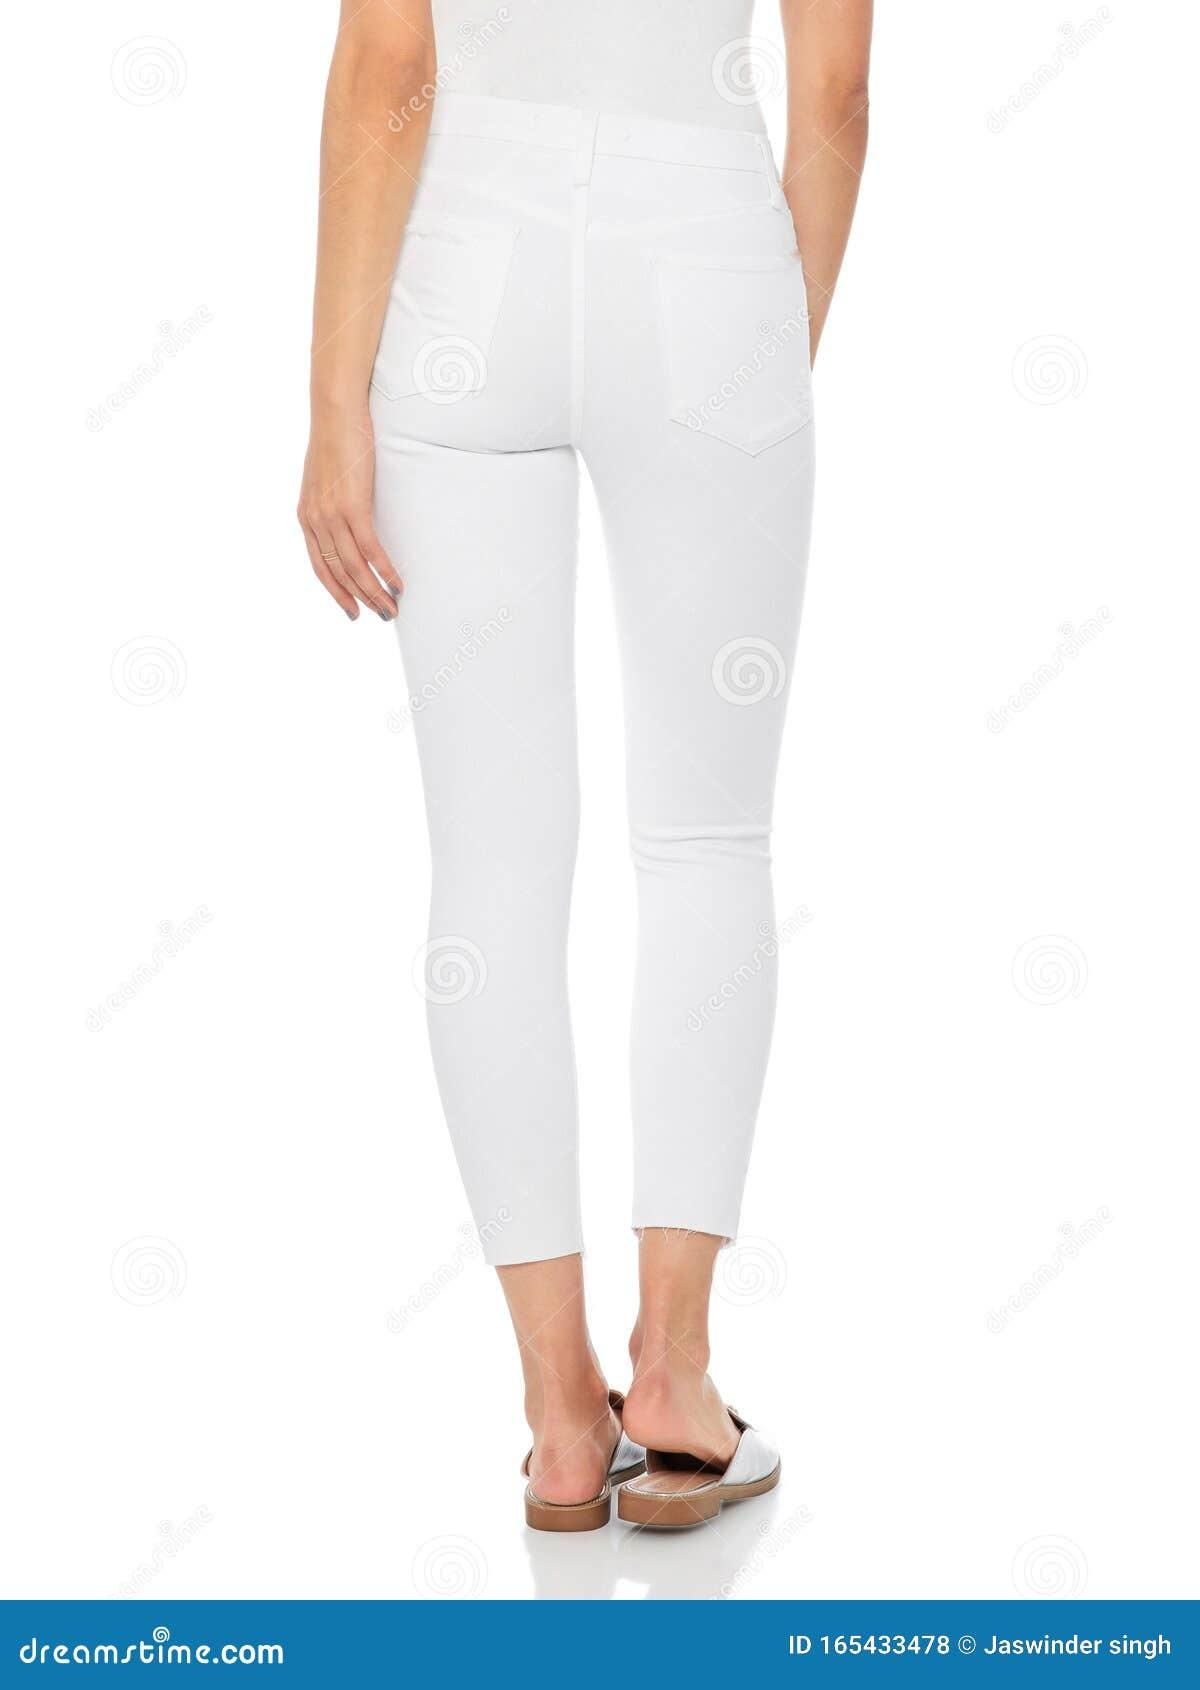 Mujer En Jeans Ajustados Azules Con Tacones Blancos Fondo Blanco Mujer Con Pantalones Ajustados Y Tacones Fondo Blanco Verano Foto De Archivo Imagen De Aislado Rayado 165433478